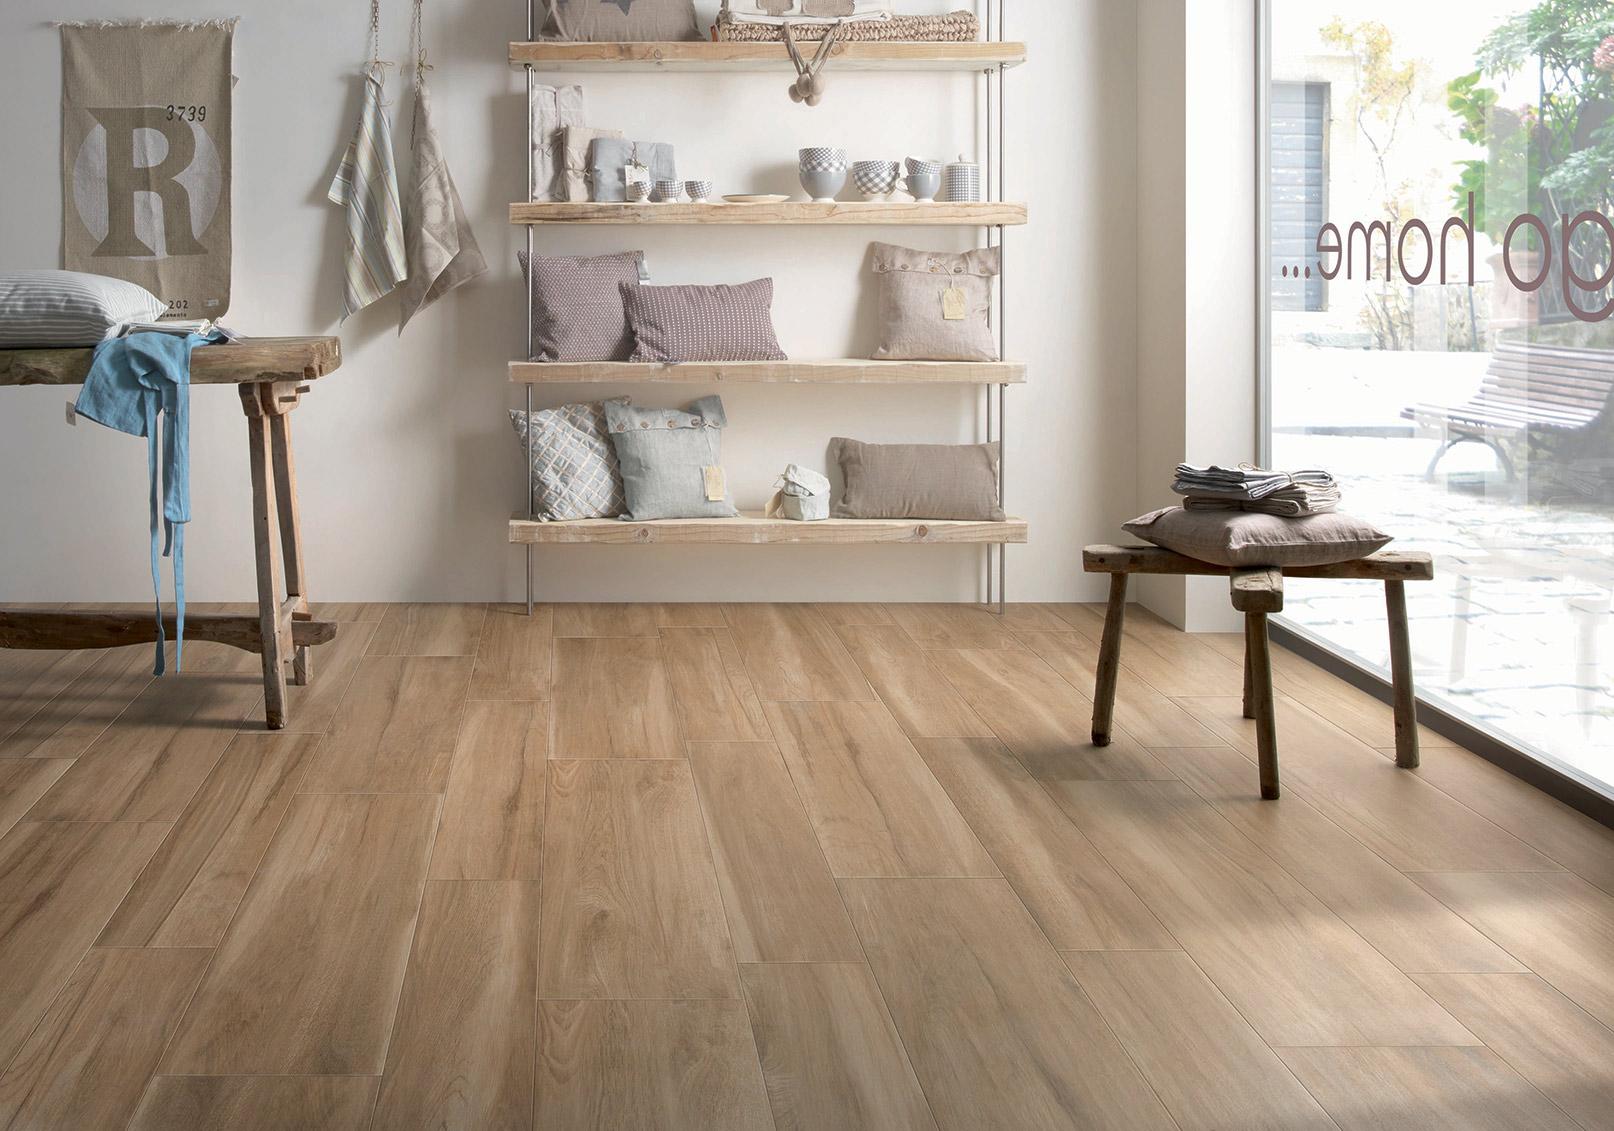 Serie silverline pavimenti e rivestimenti armonie ceramiche - Abbinare parquet e mobili ...